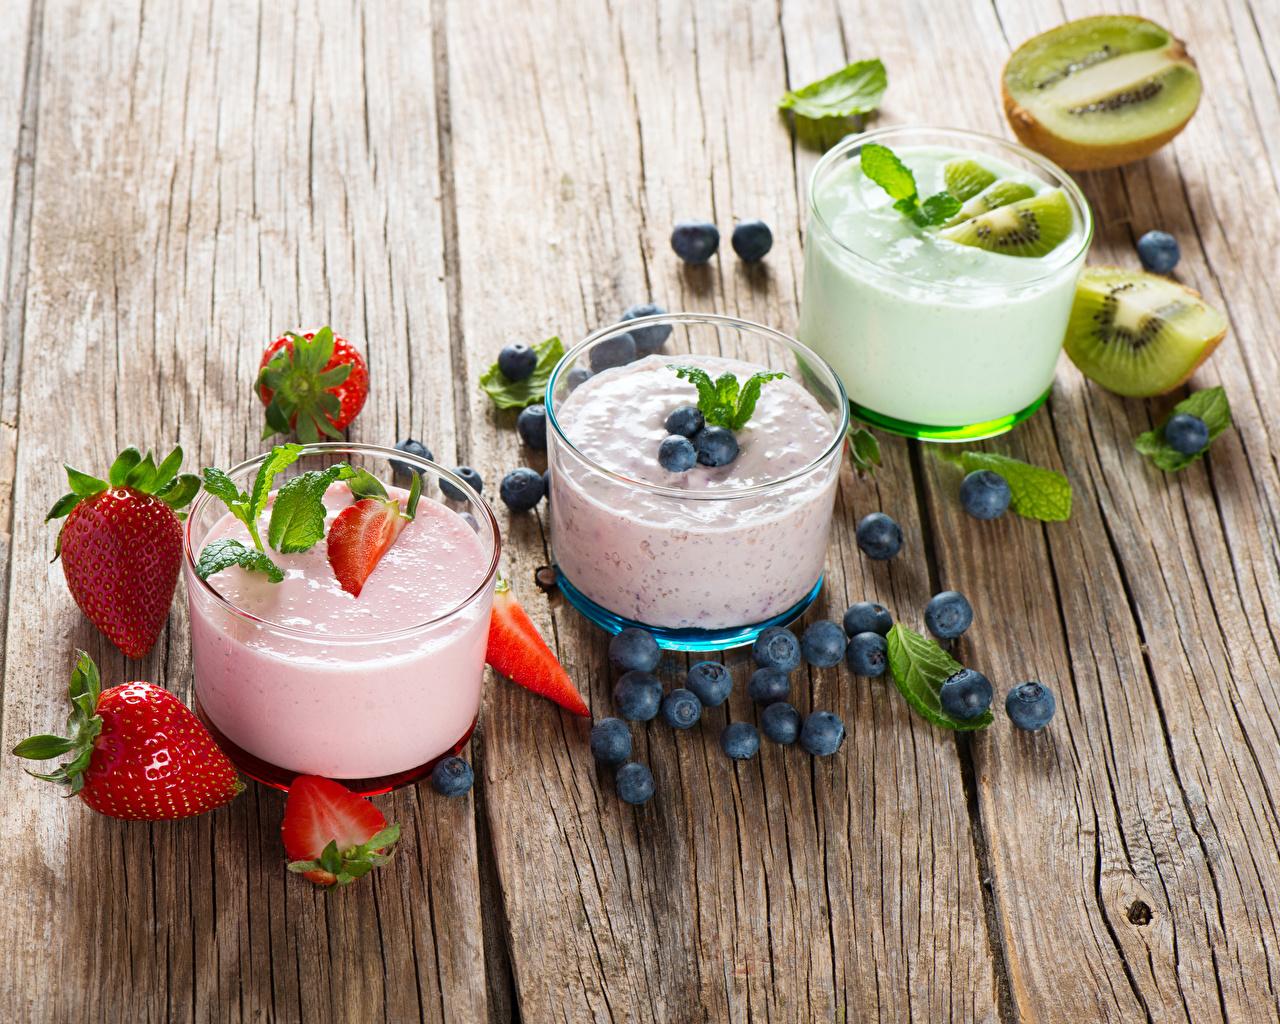 Фотография Йогурт Киви Стакан Черника Клубника Еда Трое 3 Доски Пища втроем Продукты питания